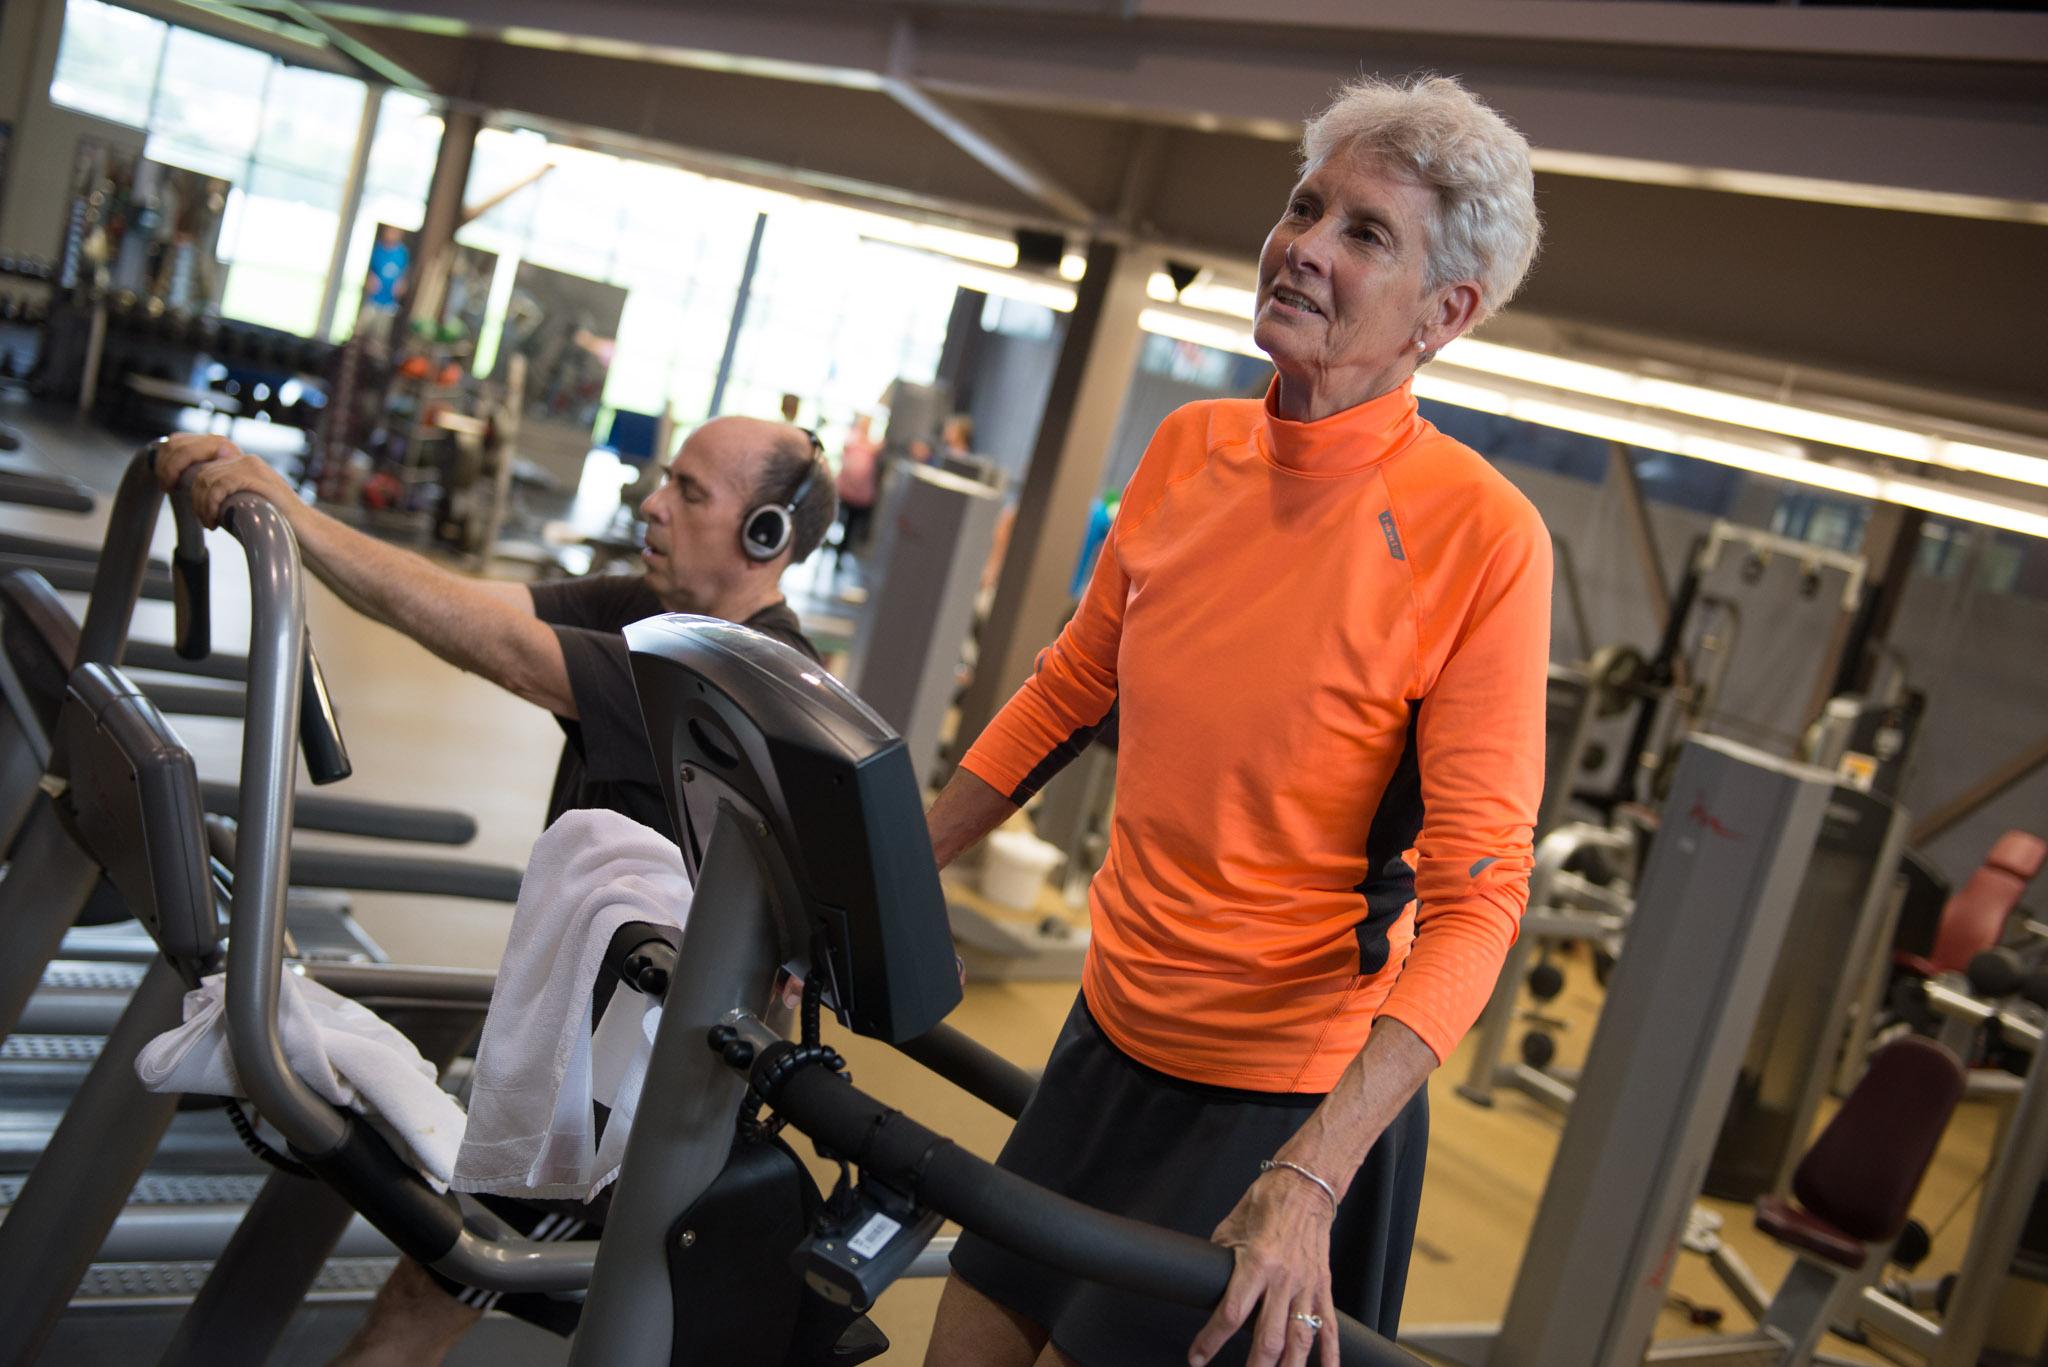 Wellness Center Stock Photos-1321.jpg